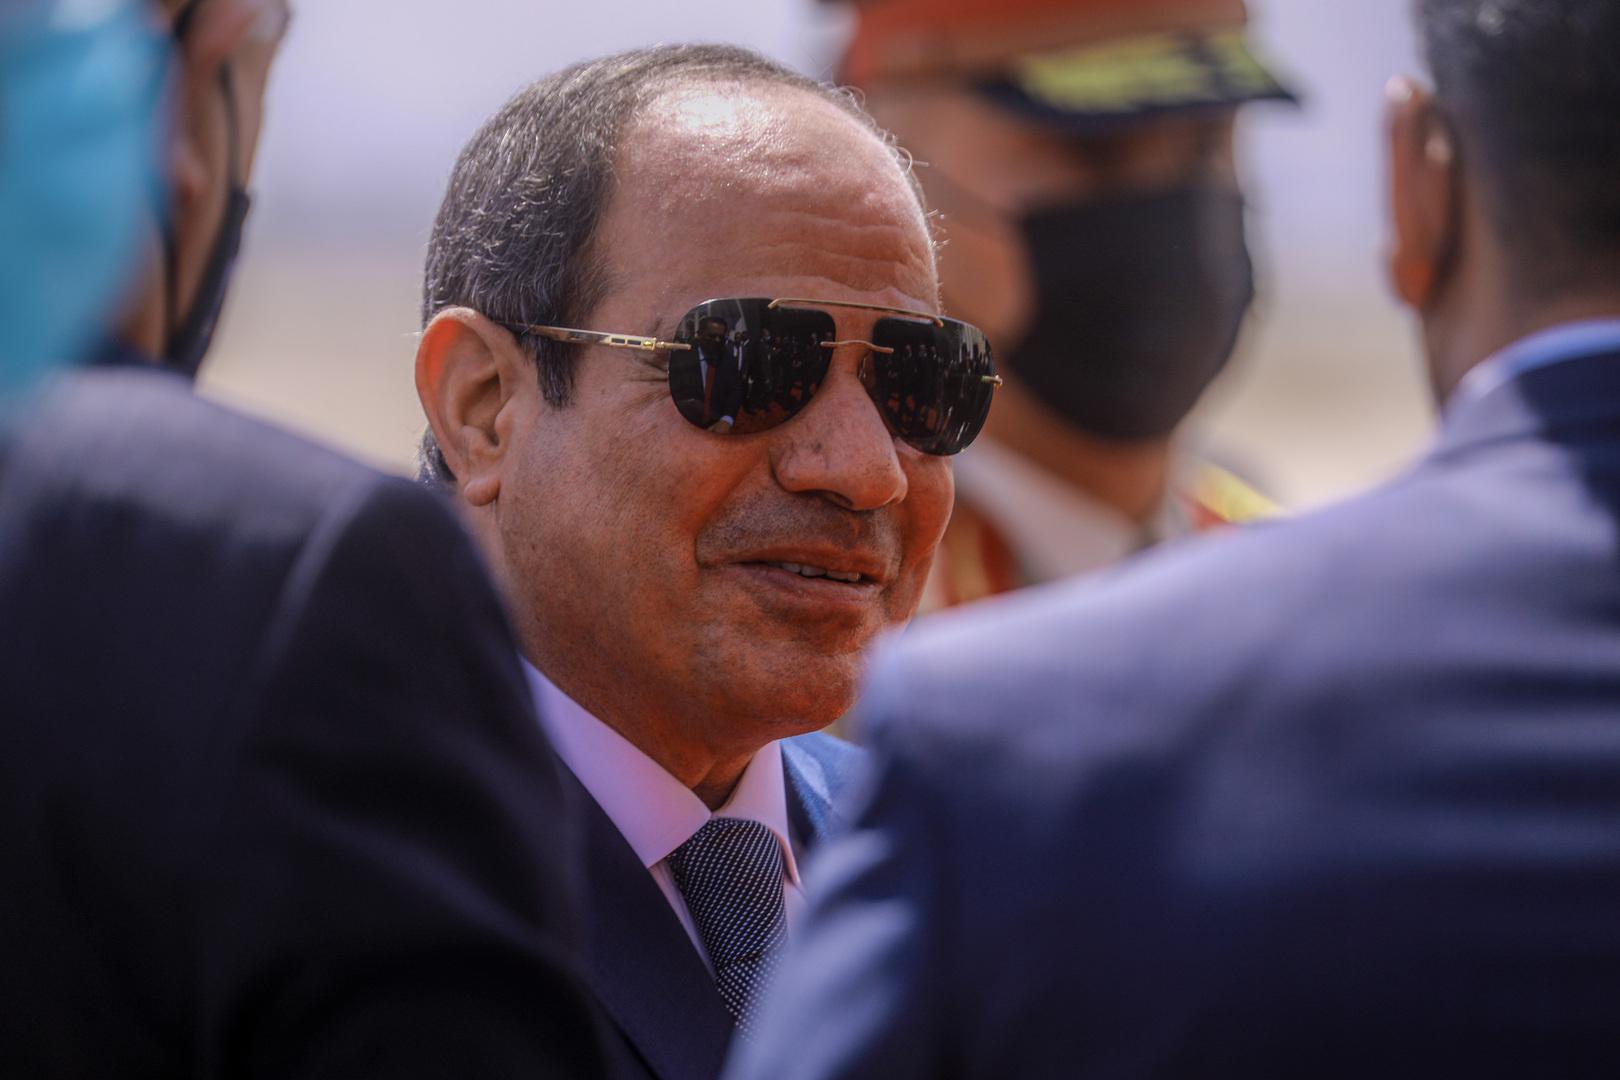 السيسي يستقبل الدبيبة في قصر الاتحادية بالقاهرة